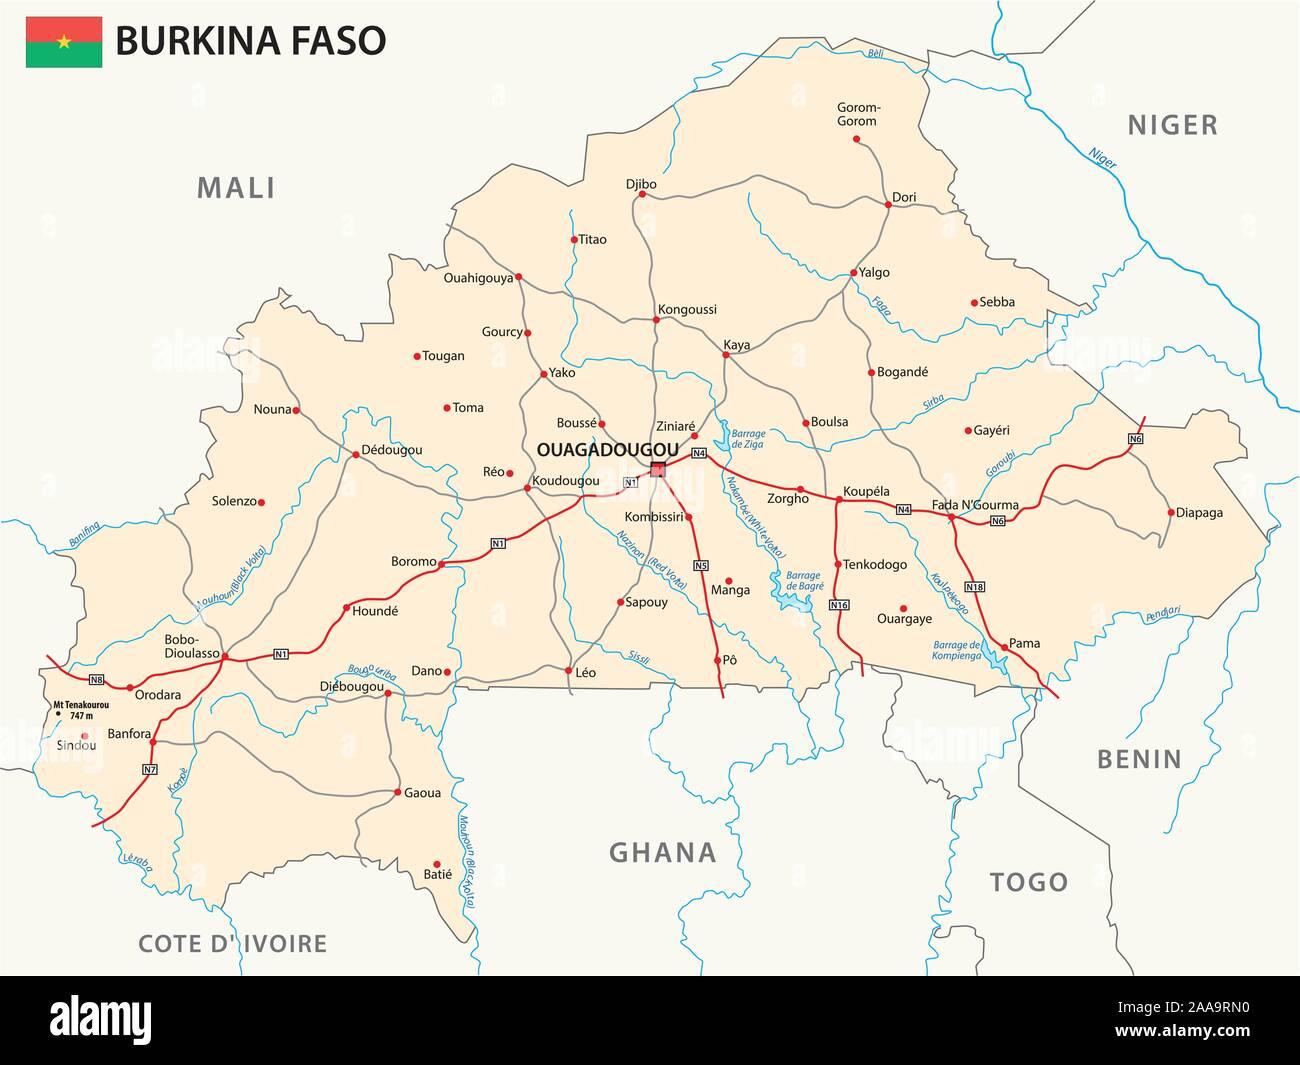 Carte Afrique Burkina Faso.Burkina Faso Carte Photos Burkina Faso Carte Images Alamy